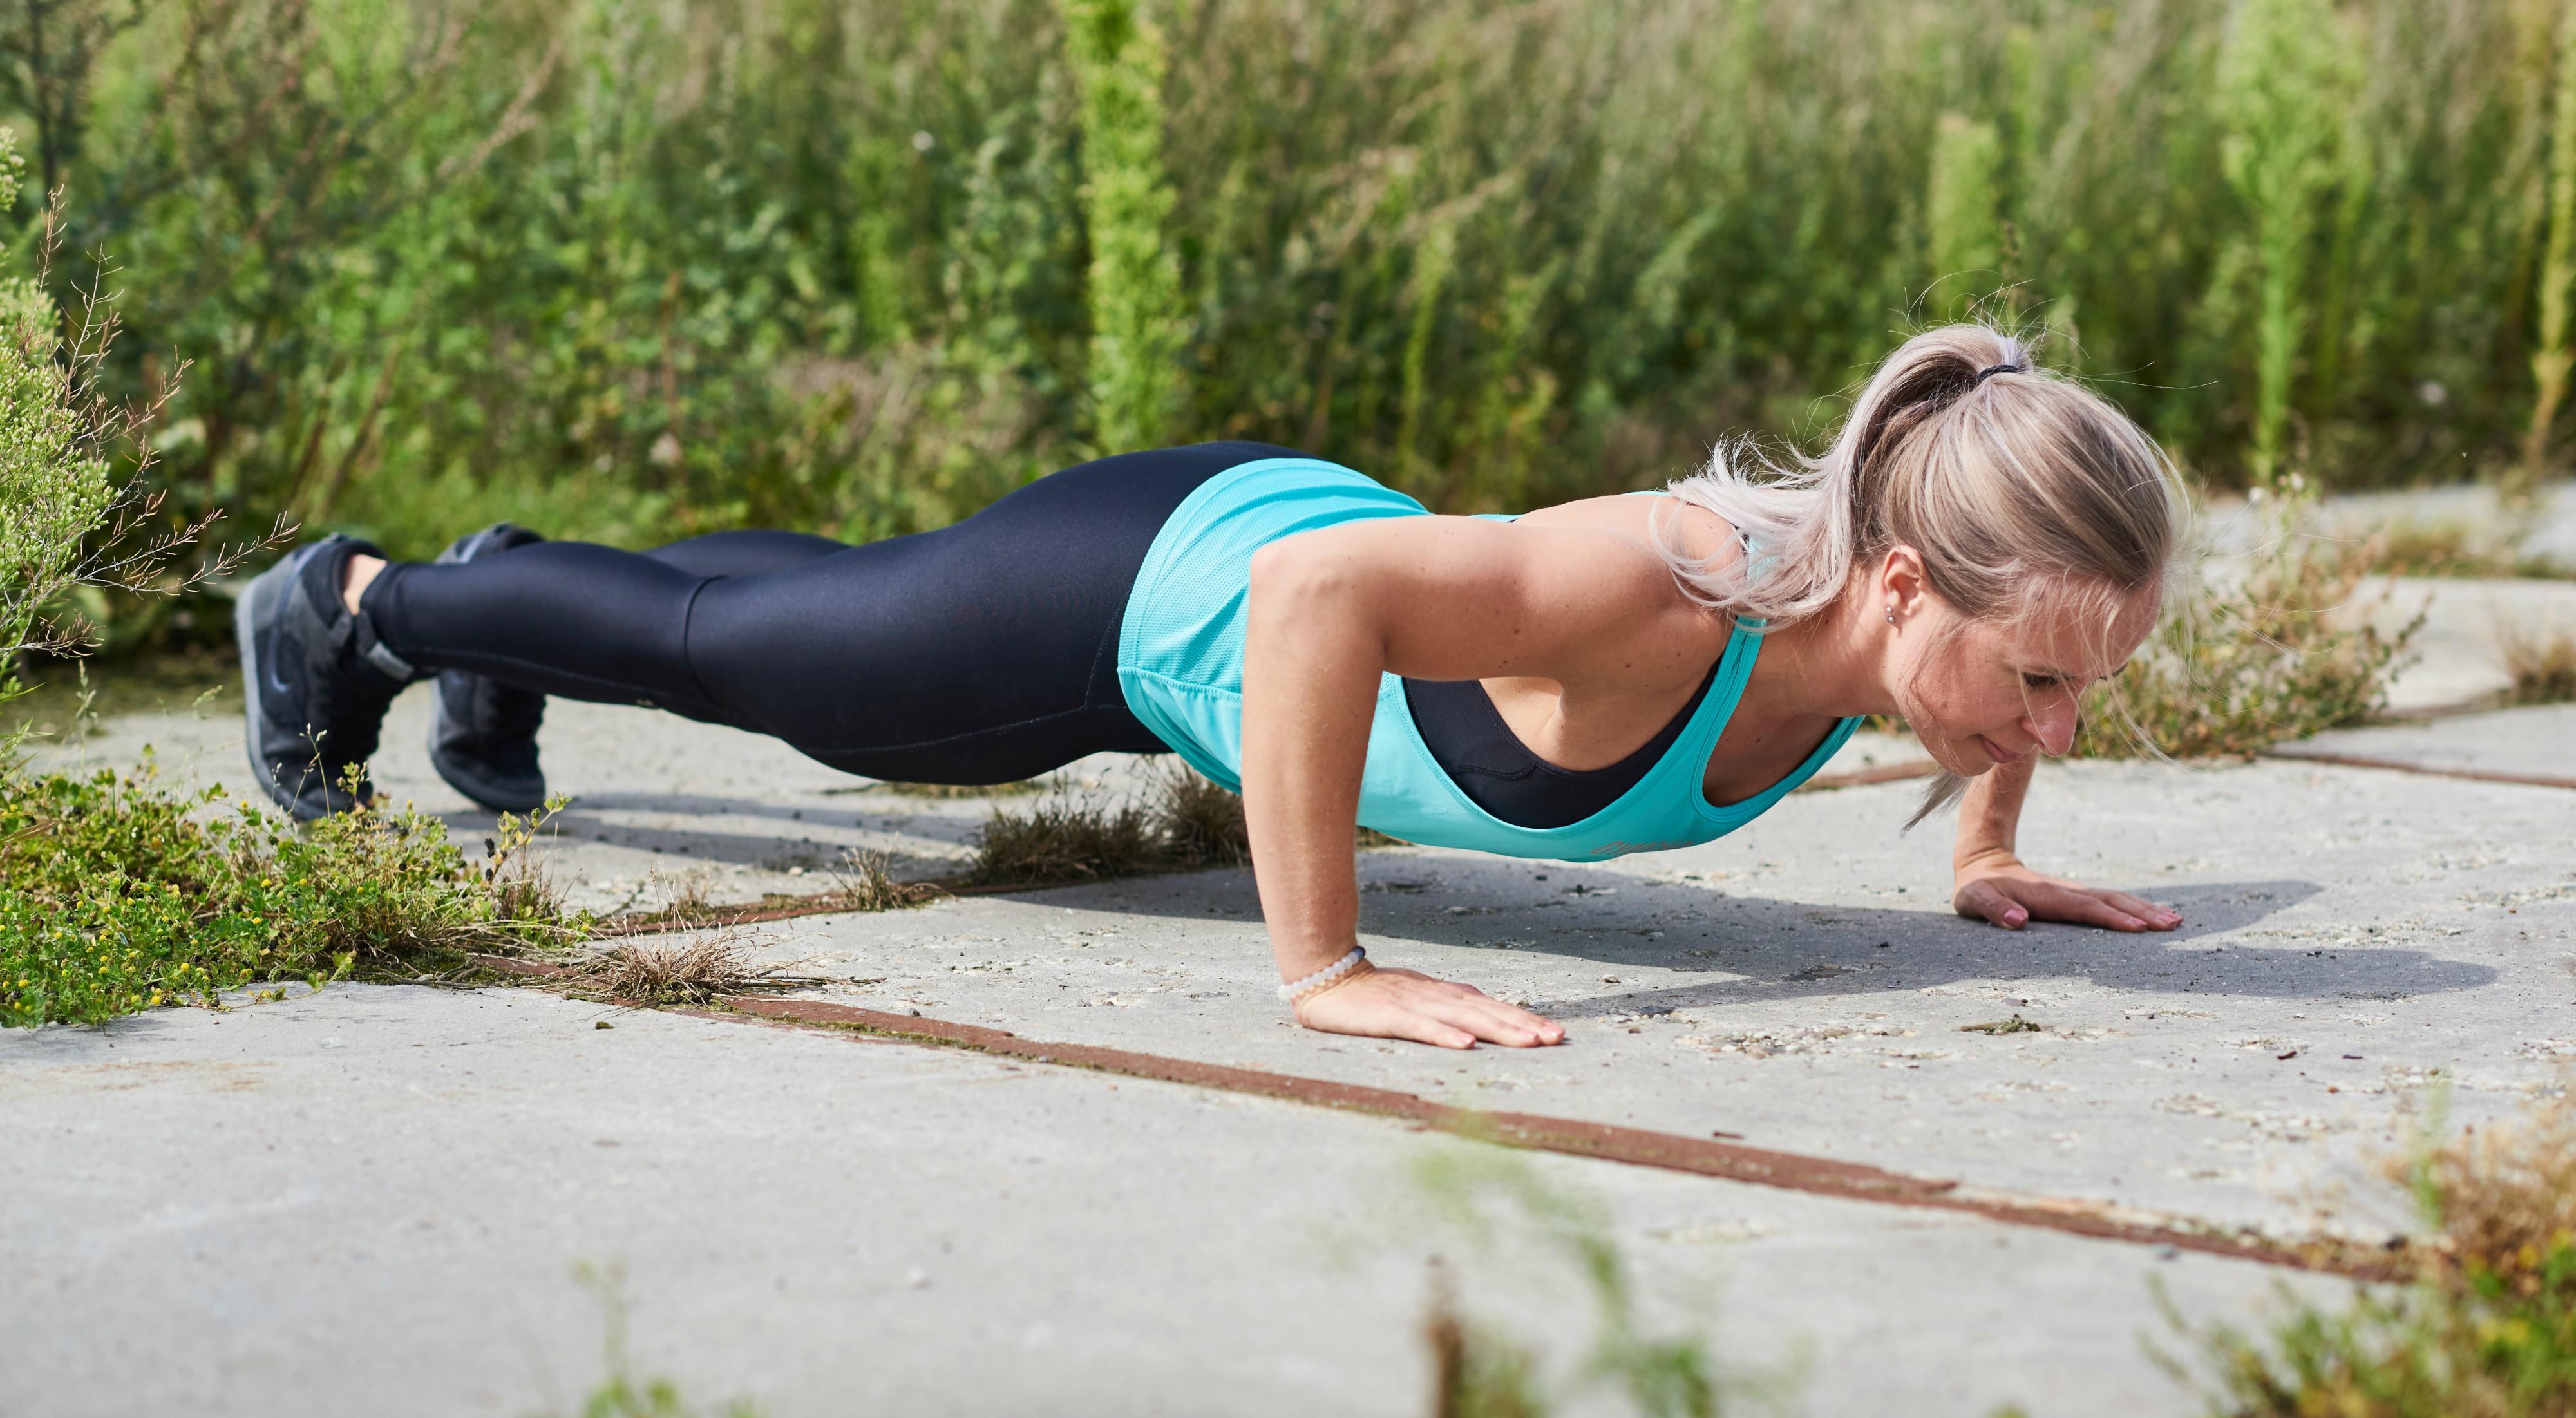 Beste Thuis je bovenlichaam en armen trainen - Mijn tips - Optima Vita UW-61